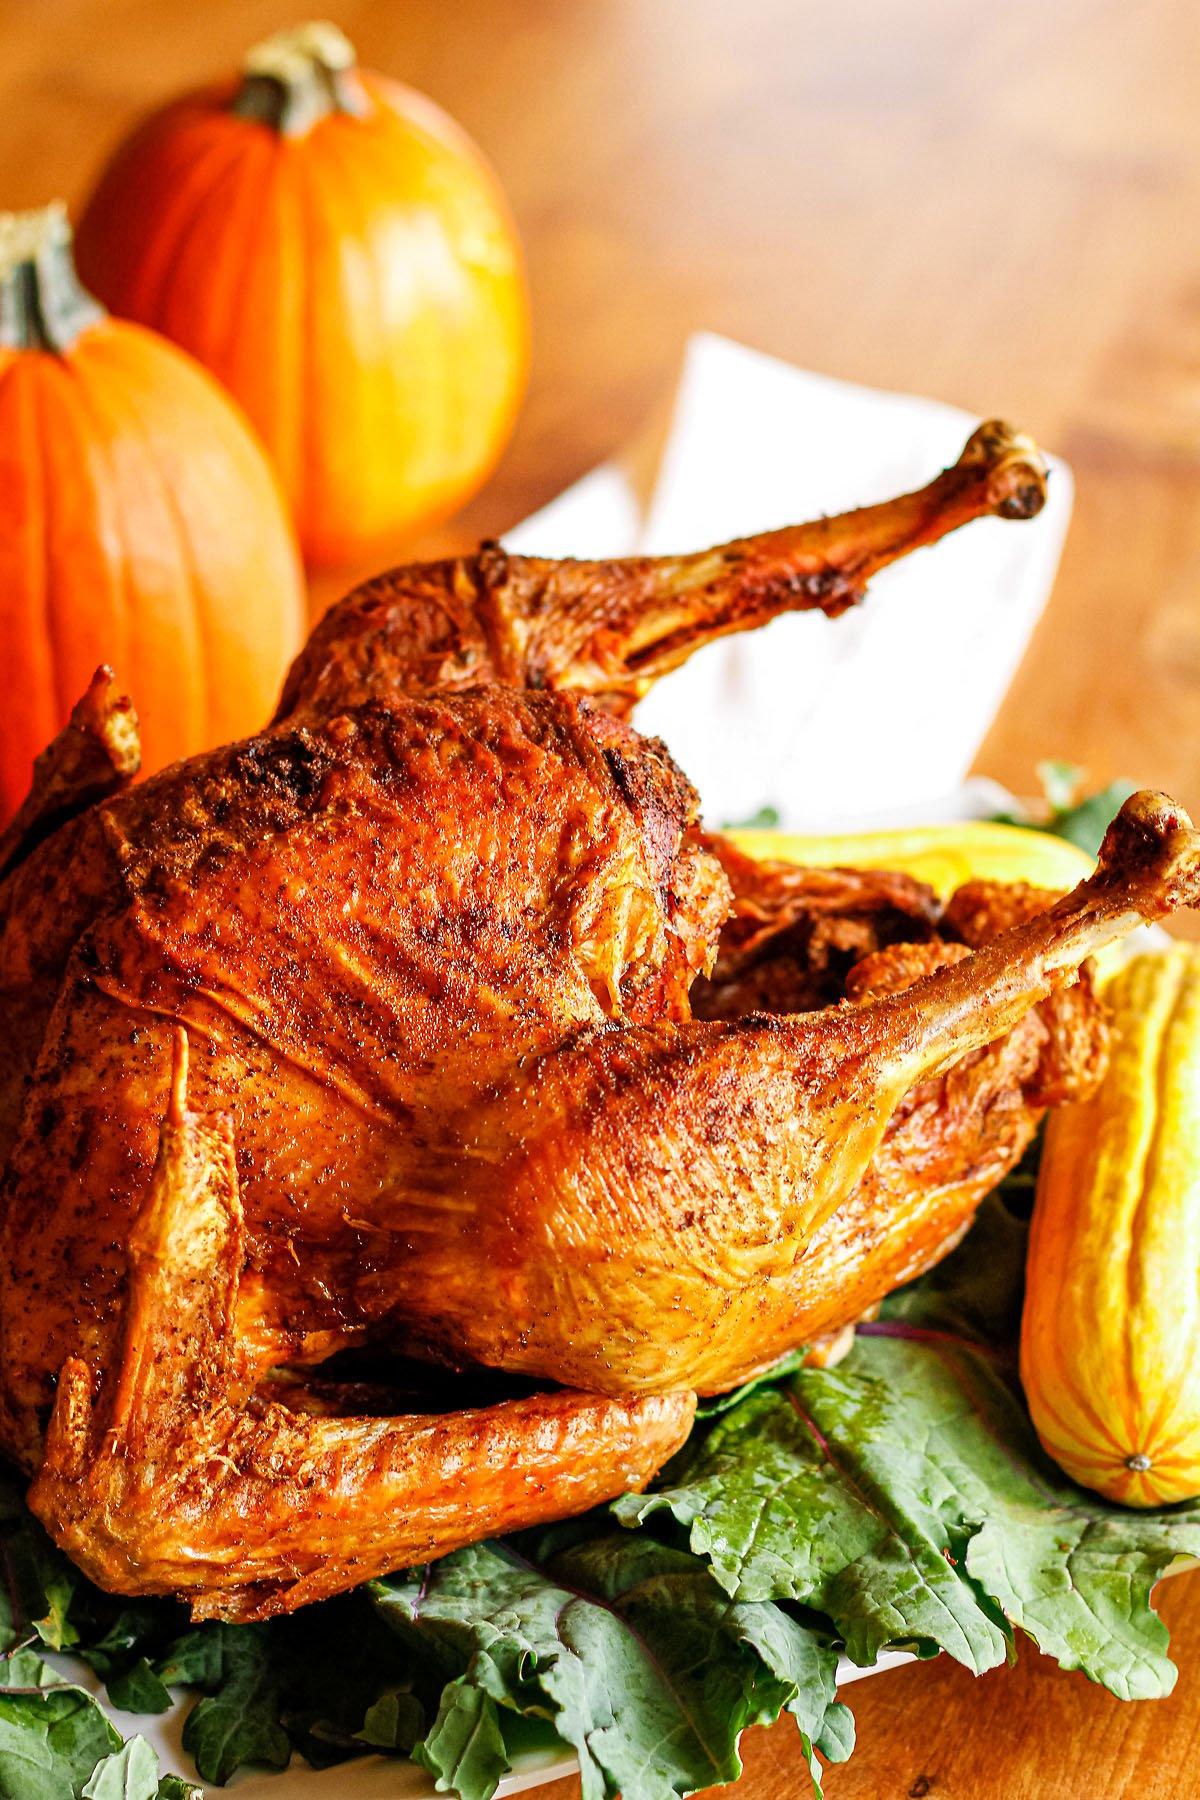 fried turkey recipe made with fried turkey rub + peanut oil